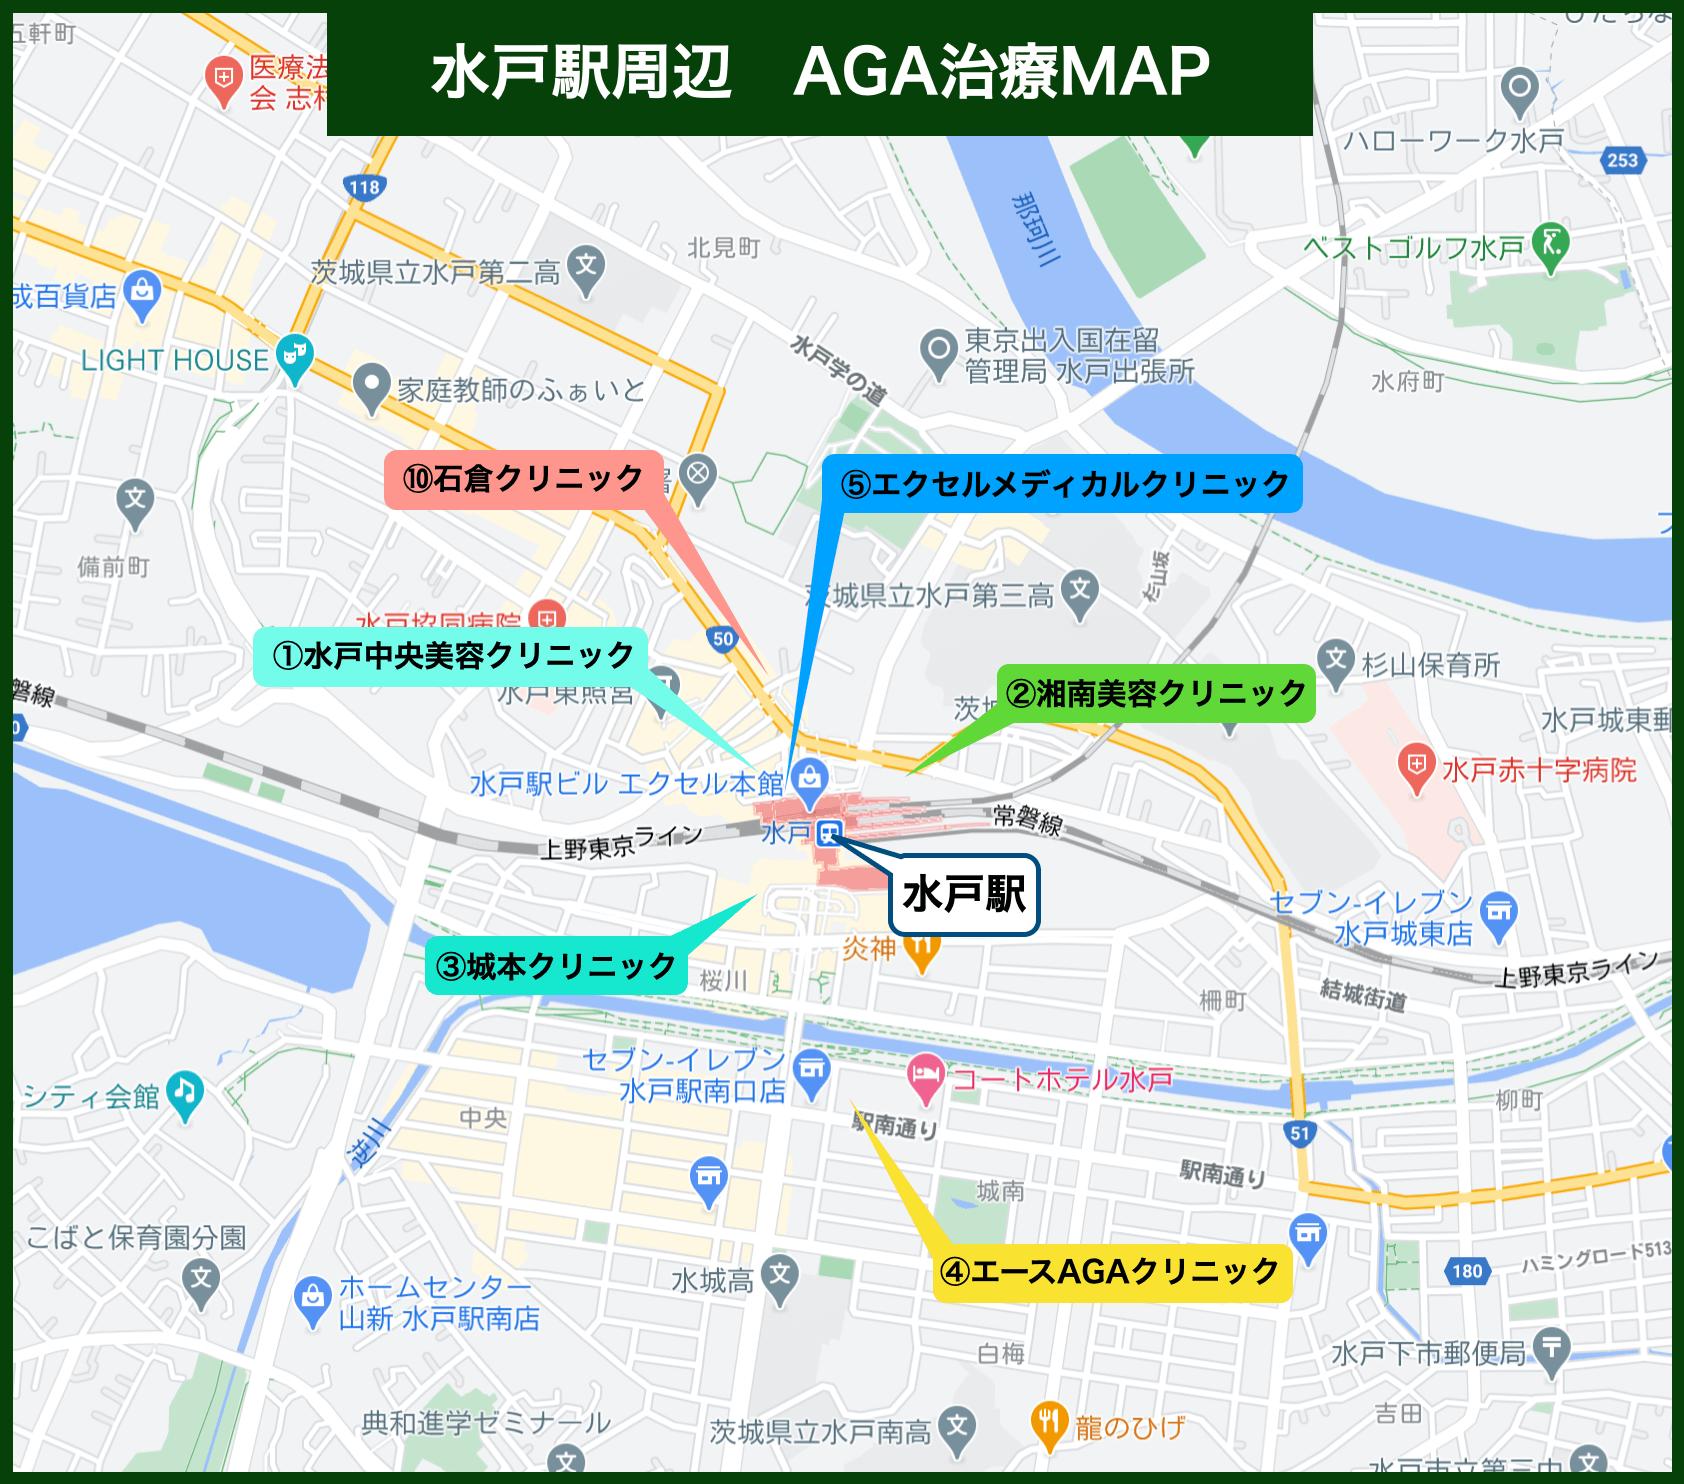 水戸駅周辺 AGA治療MAP